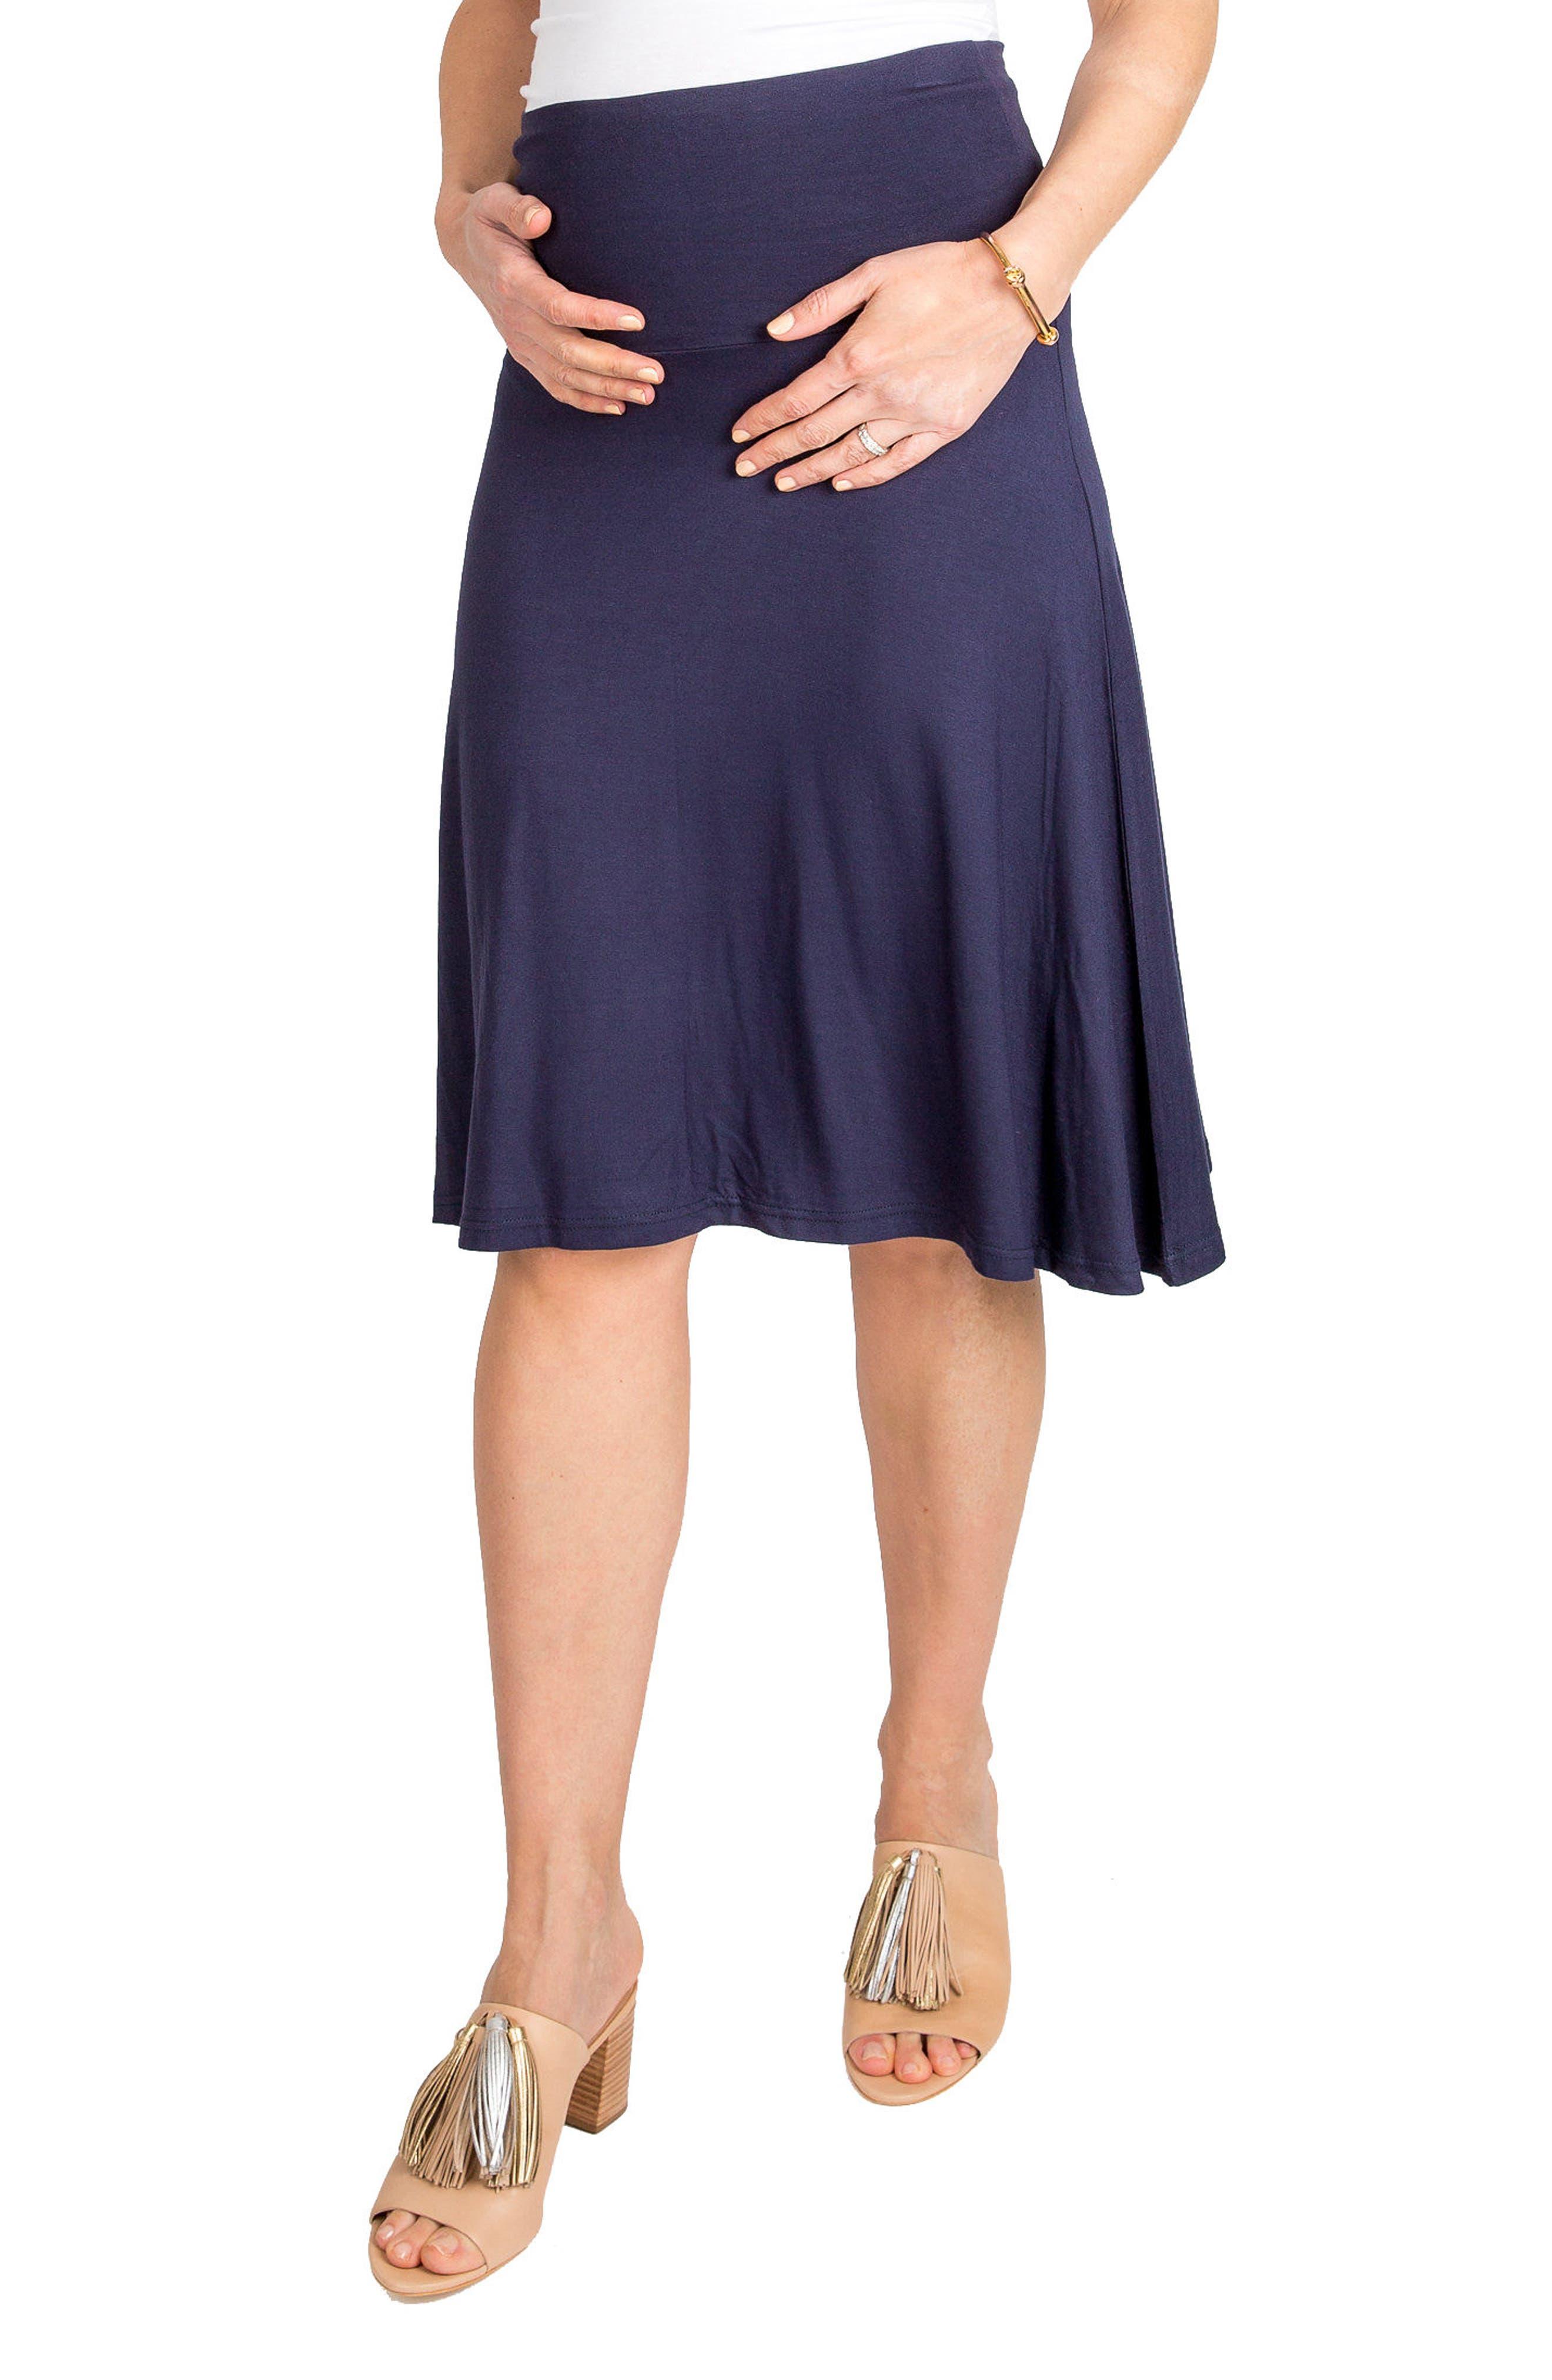 Nom Nola Maternity Skirt